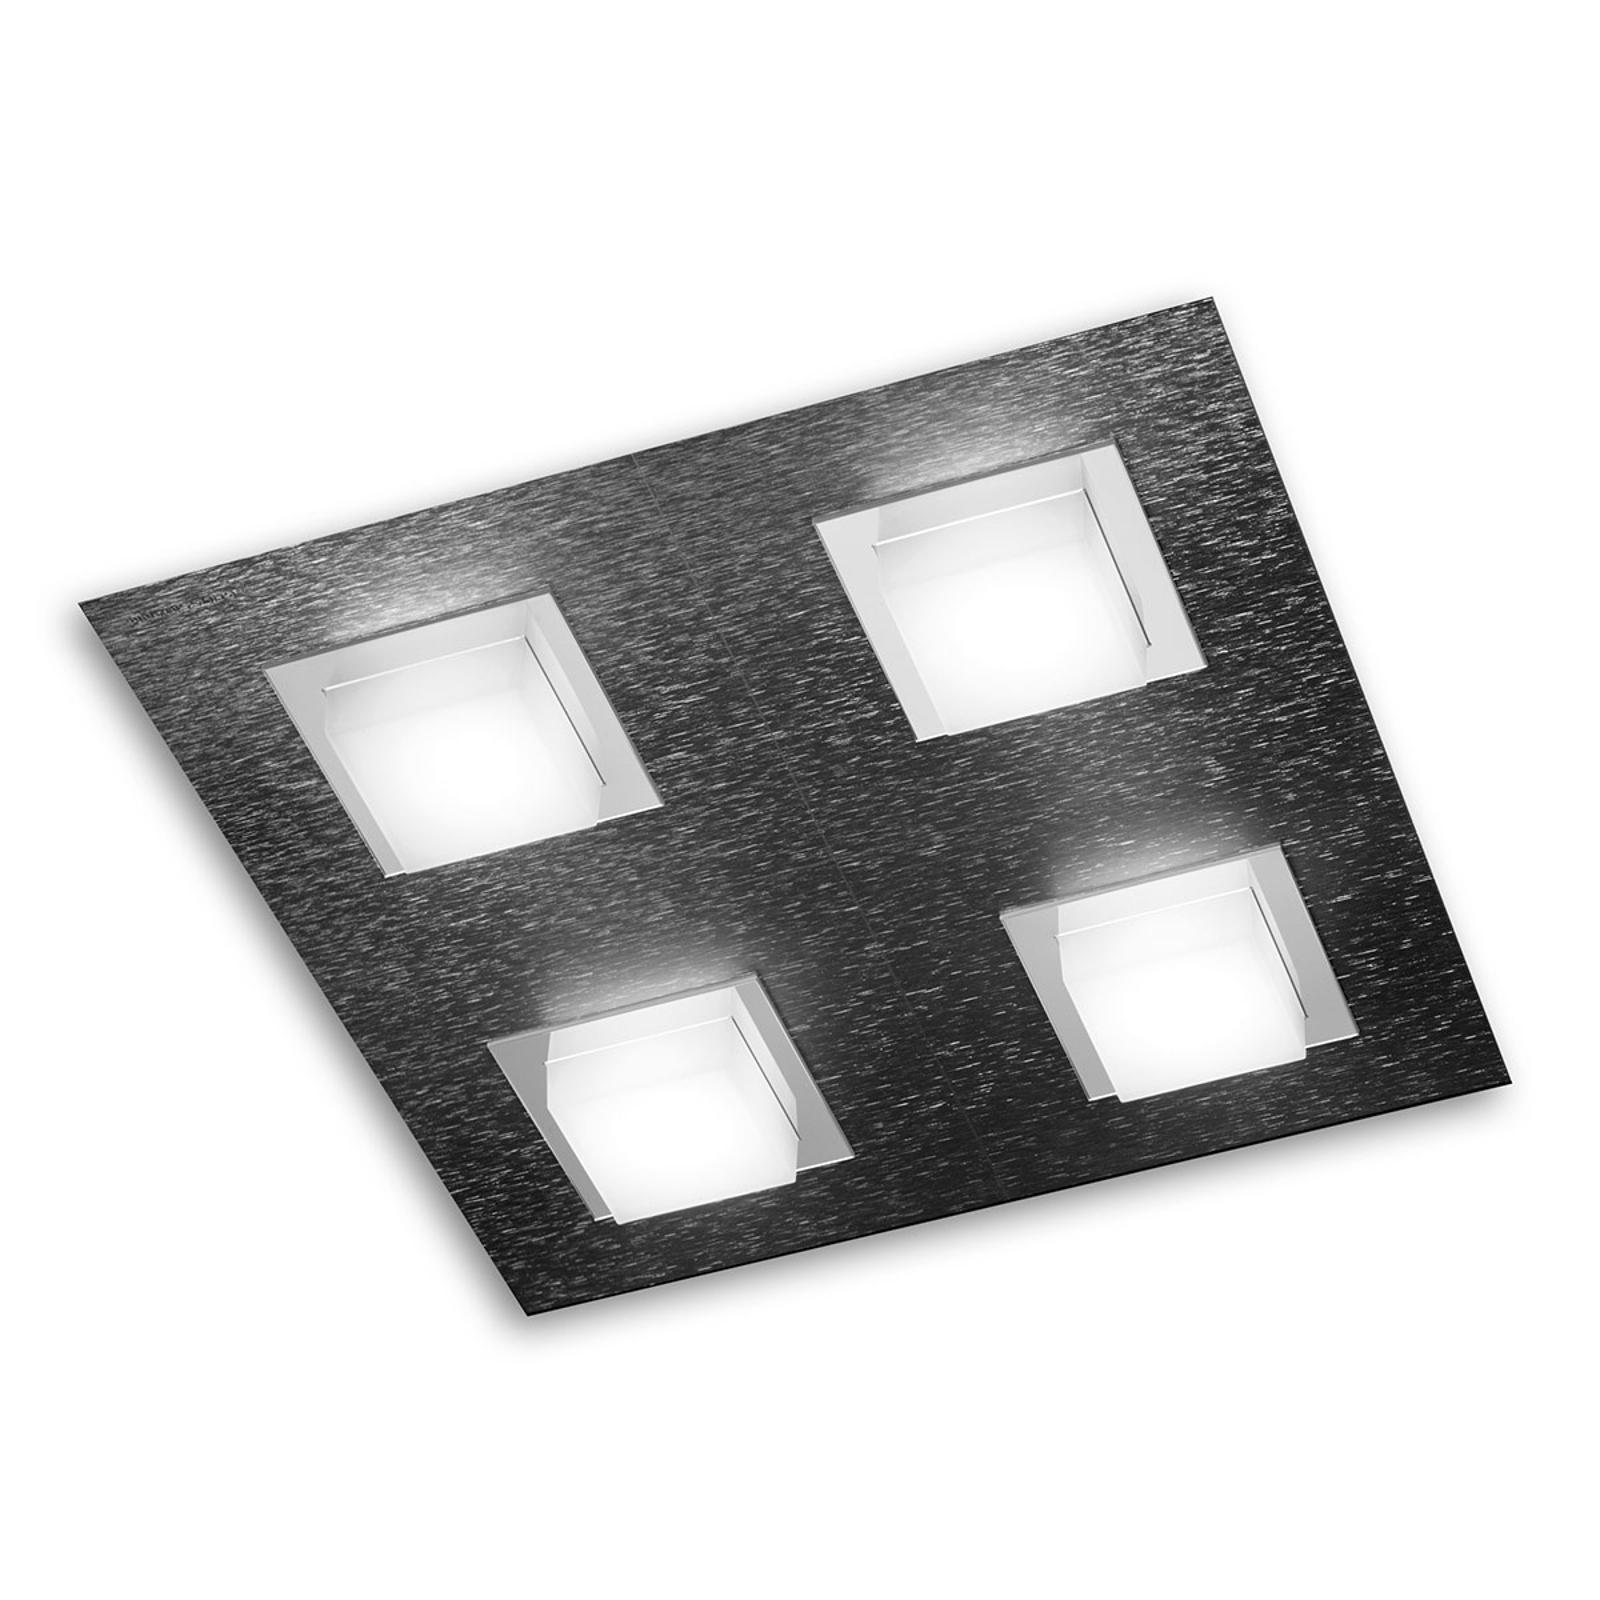 GROSSMANN Basic LED-taklampe 4lk., antrasitt